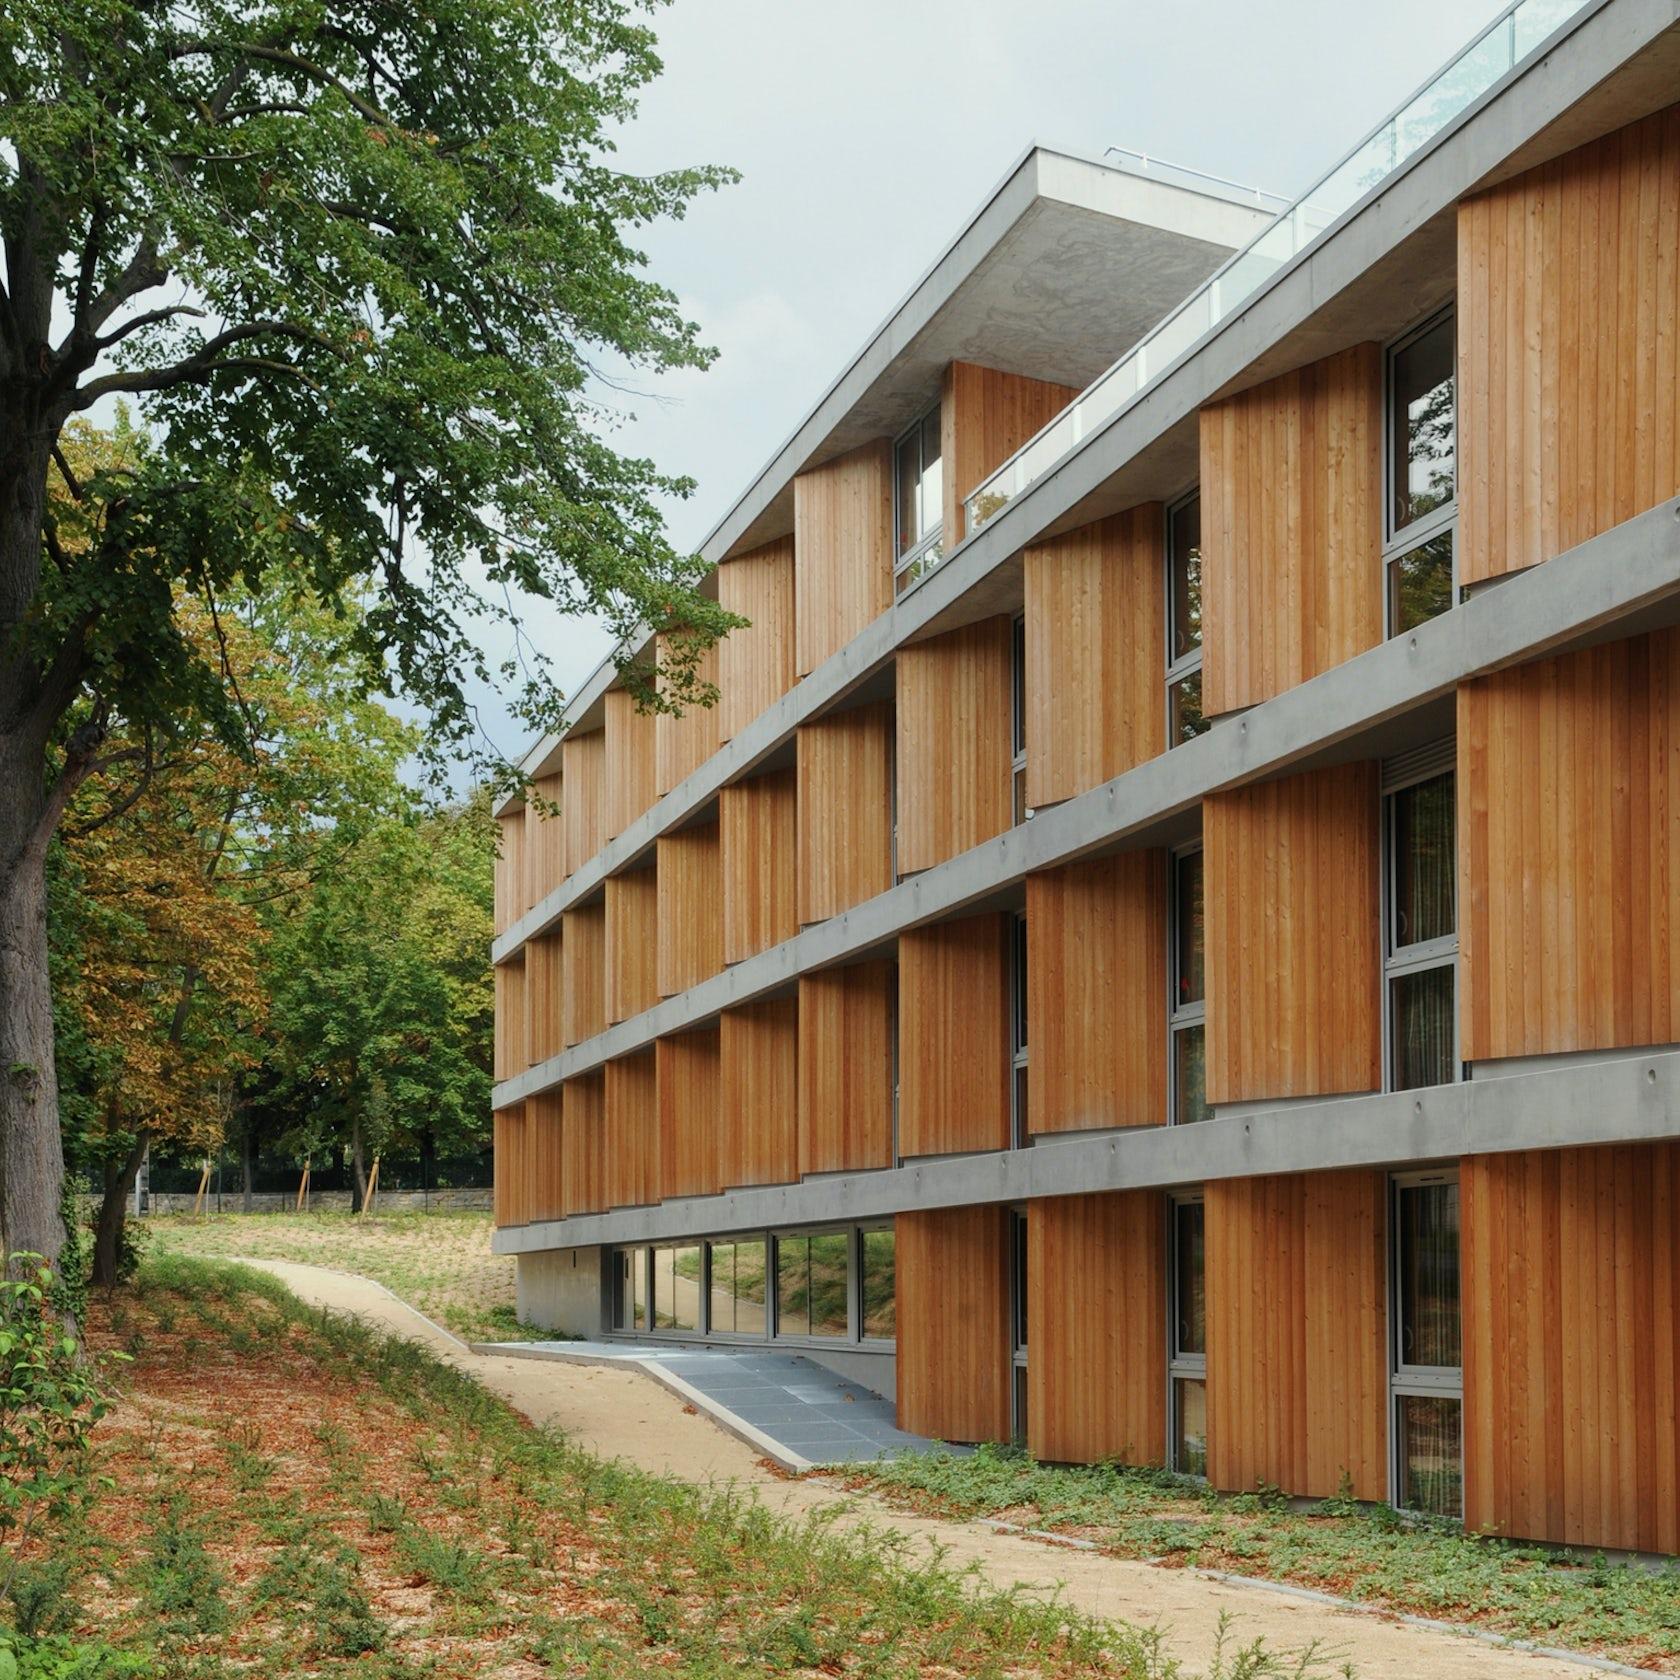 Retirement home maisons laffitte architizer - Architecte maisons laffitte ...